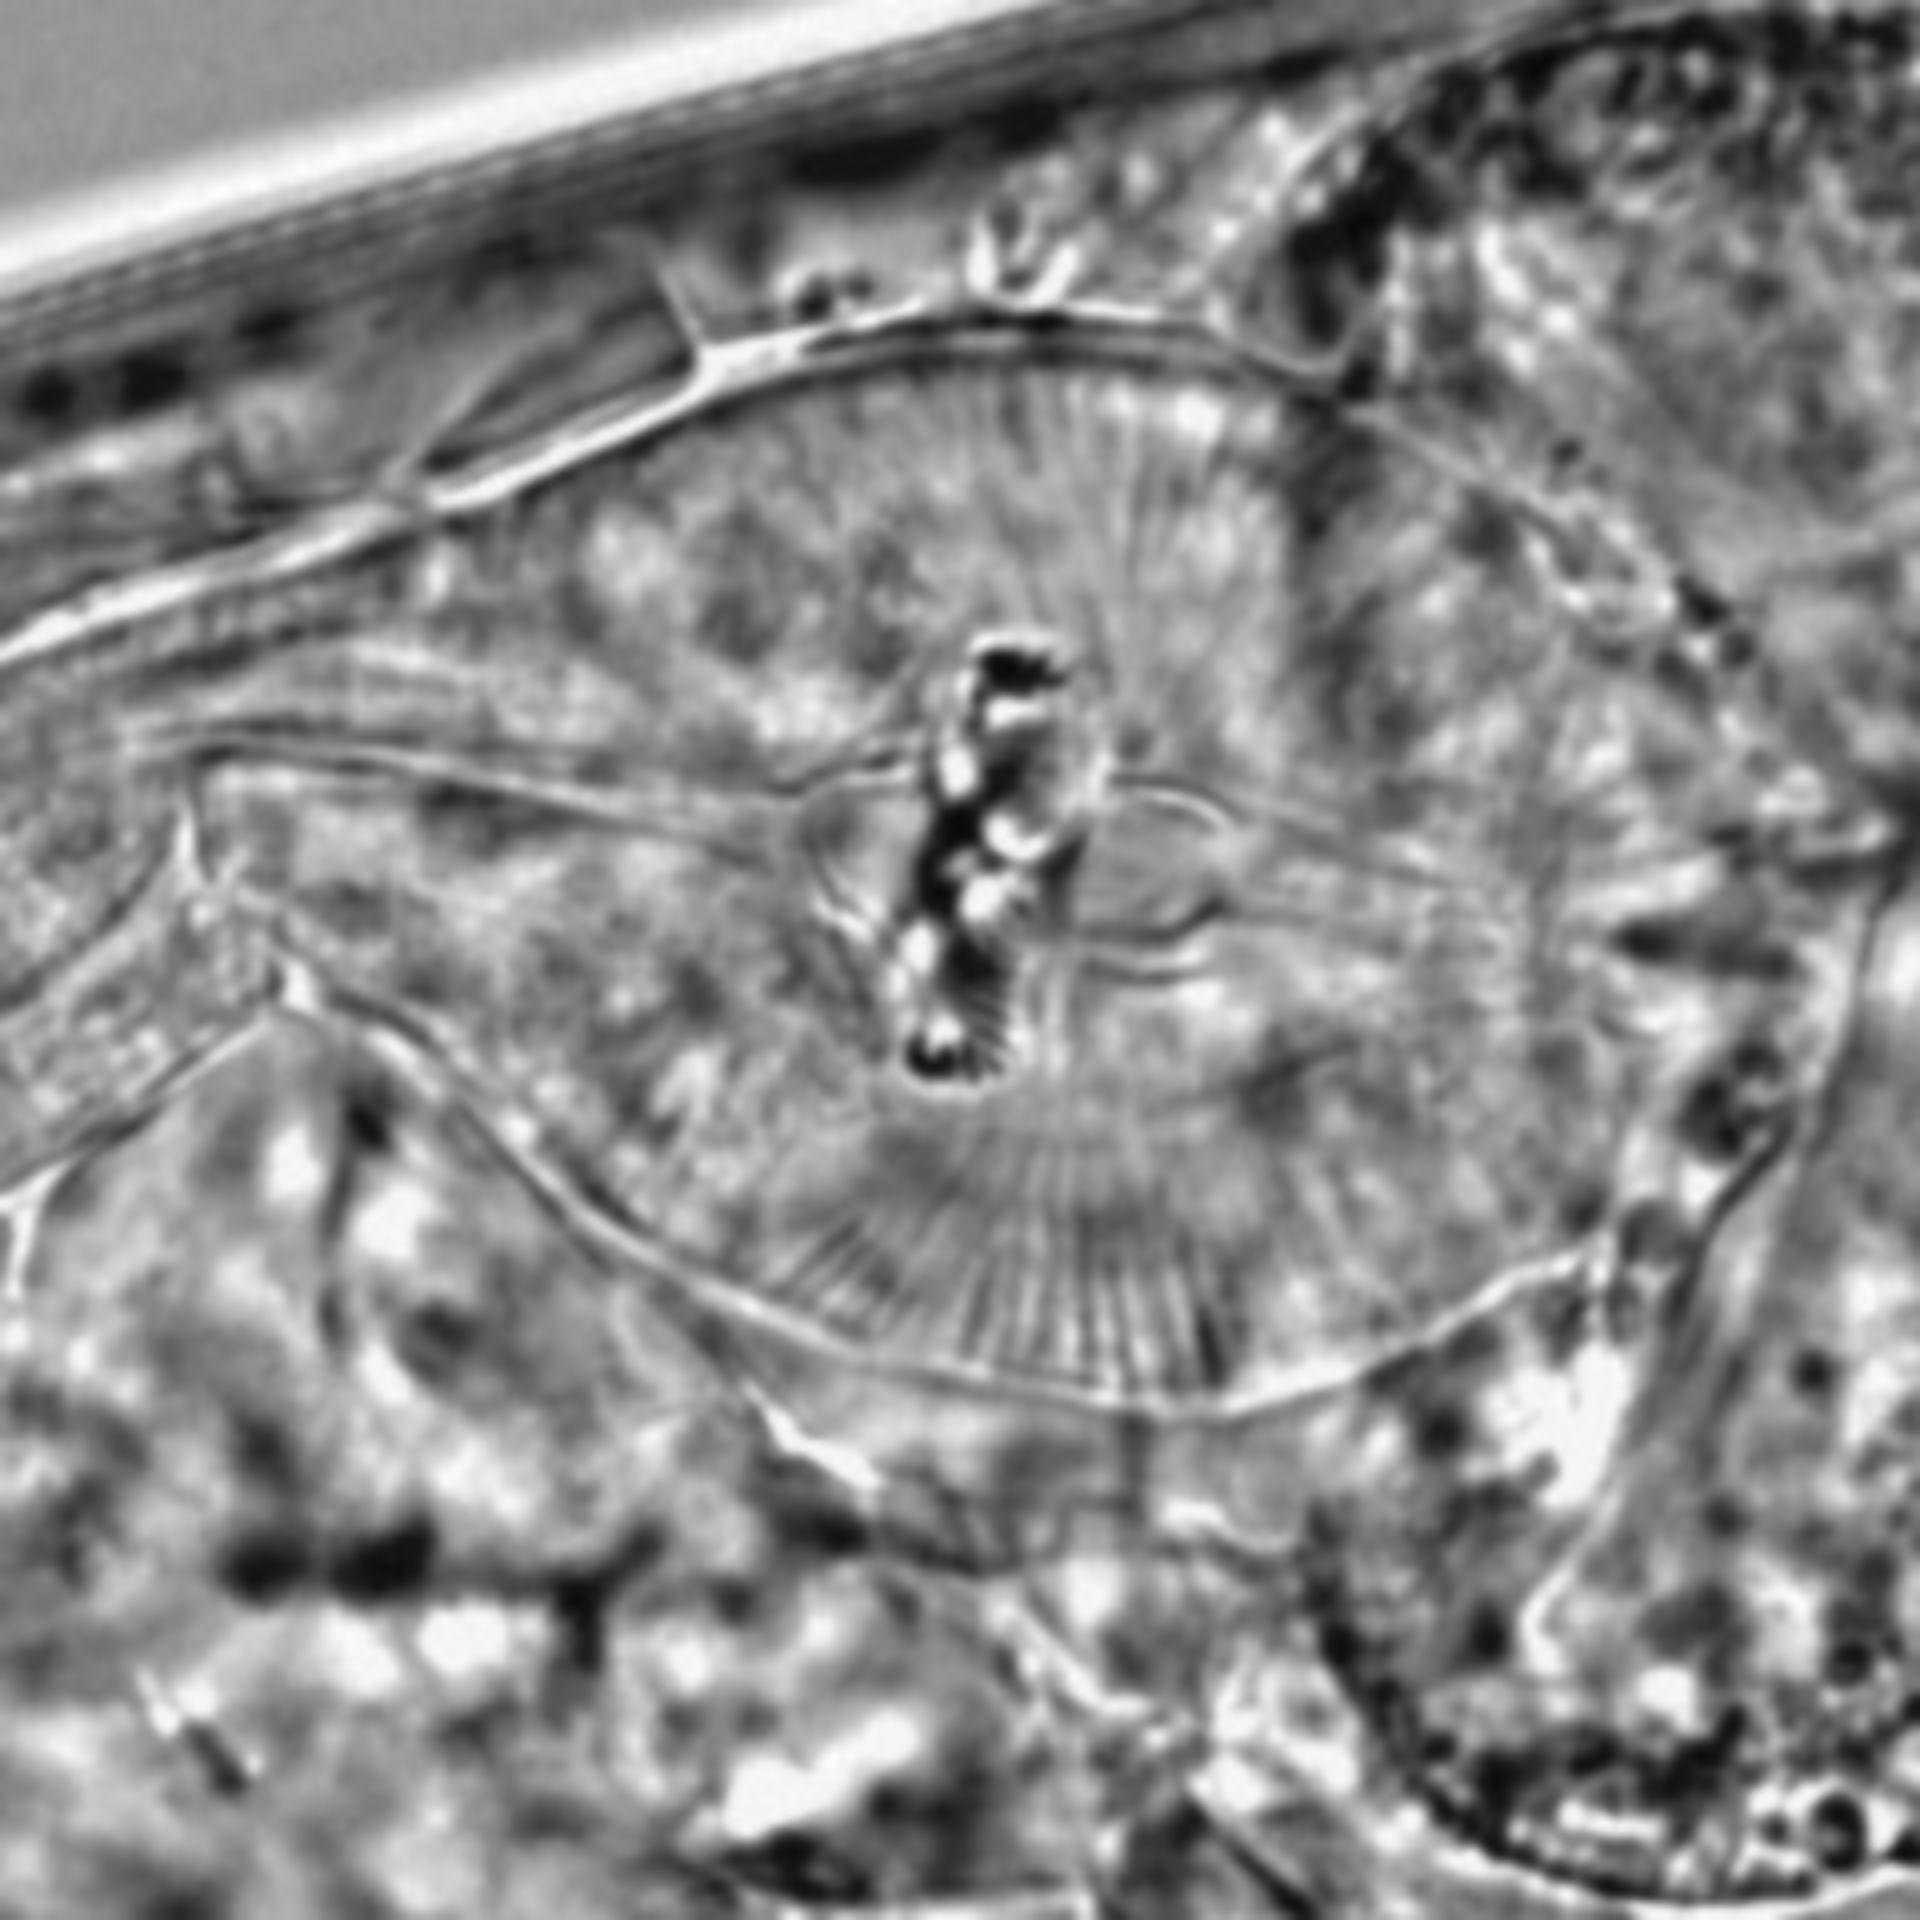 Caenorhabditis elegans - CIL:1644